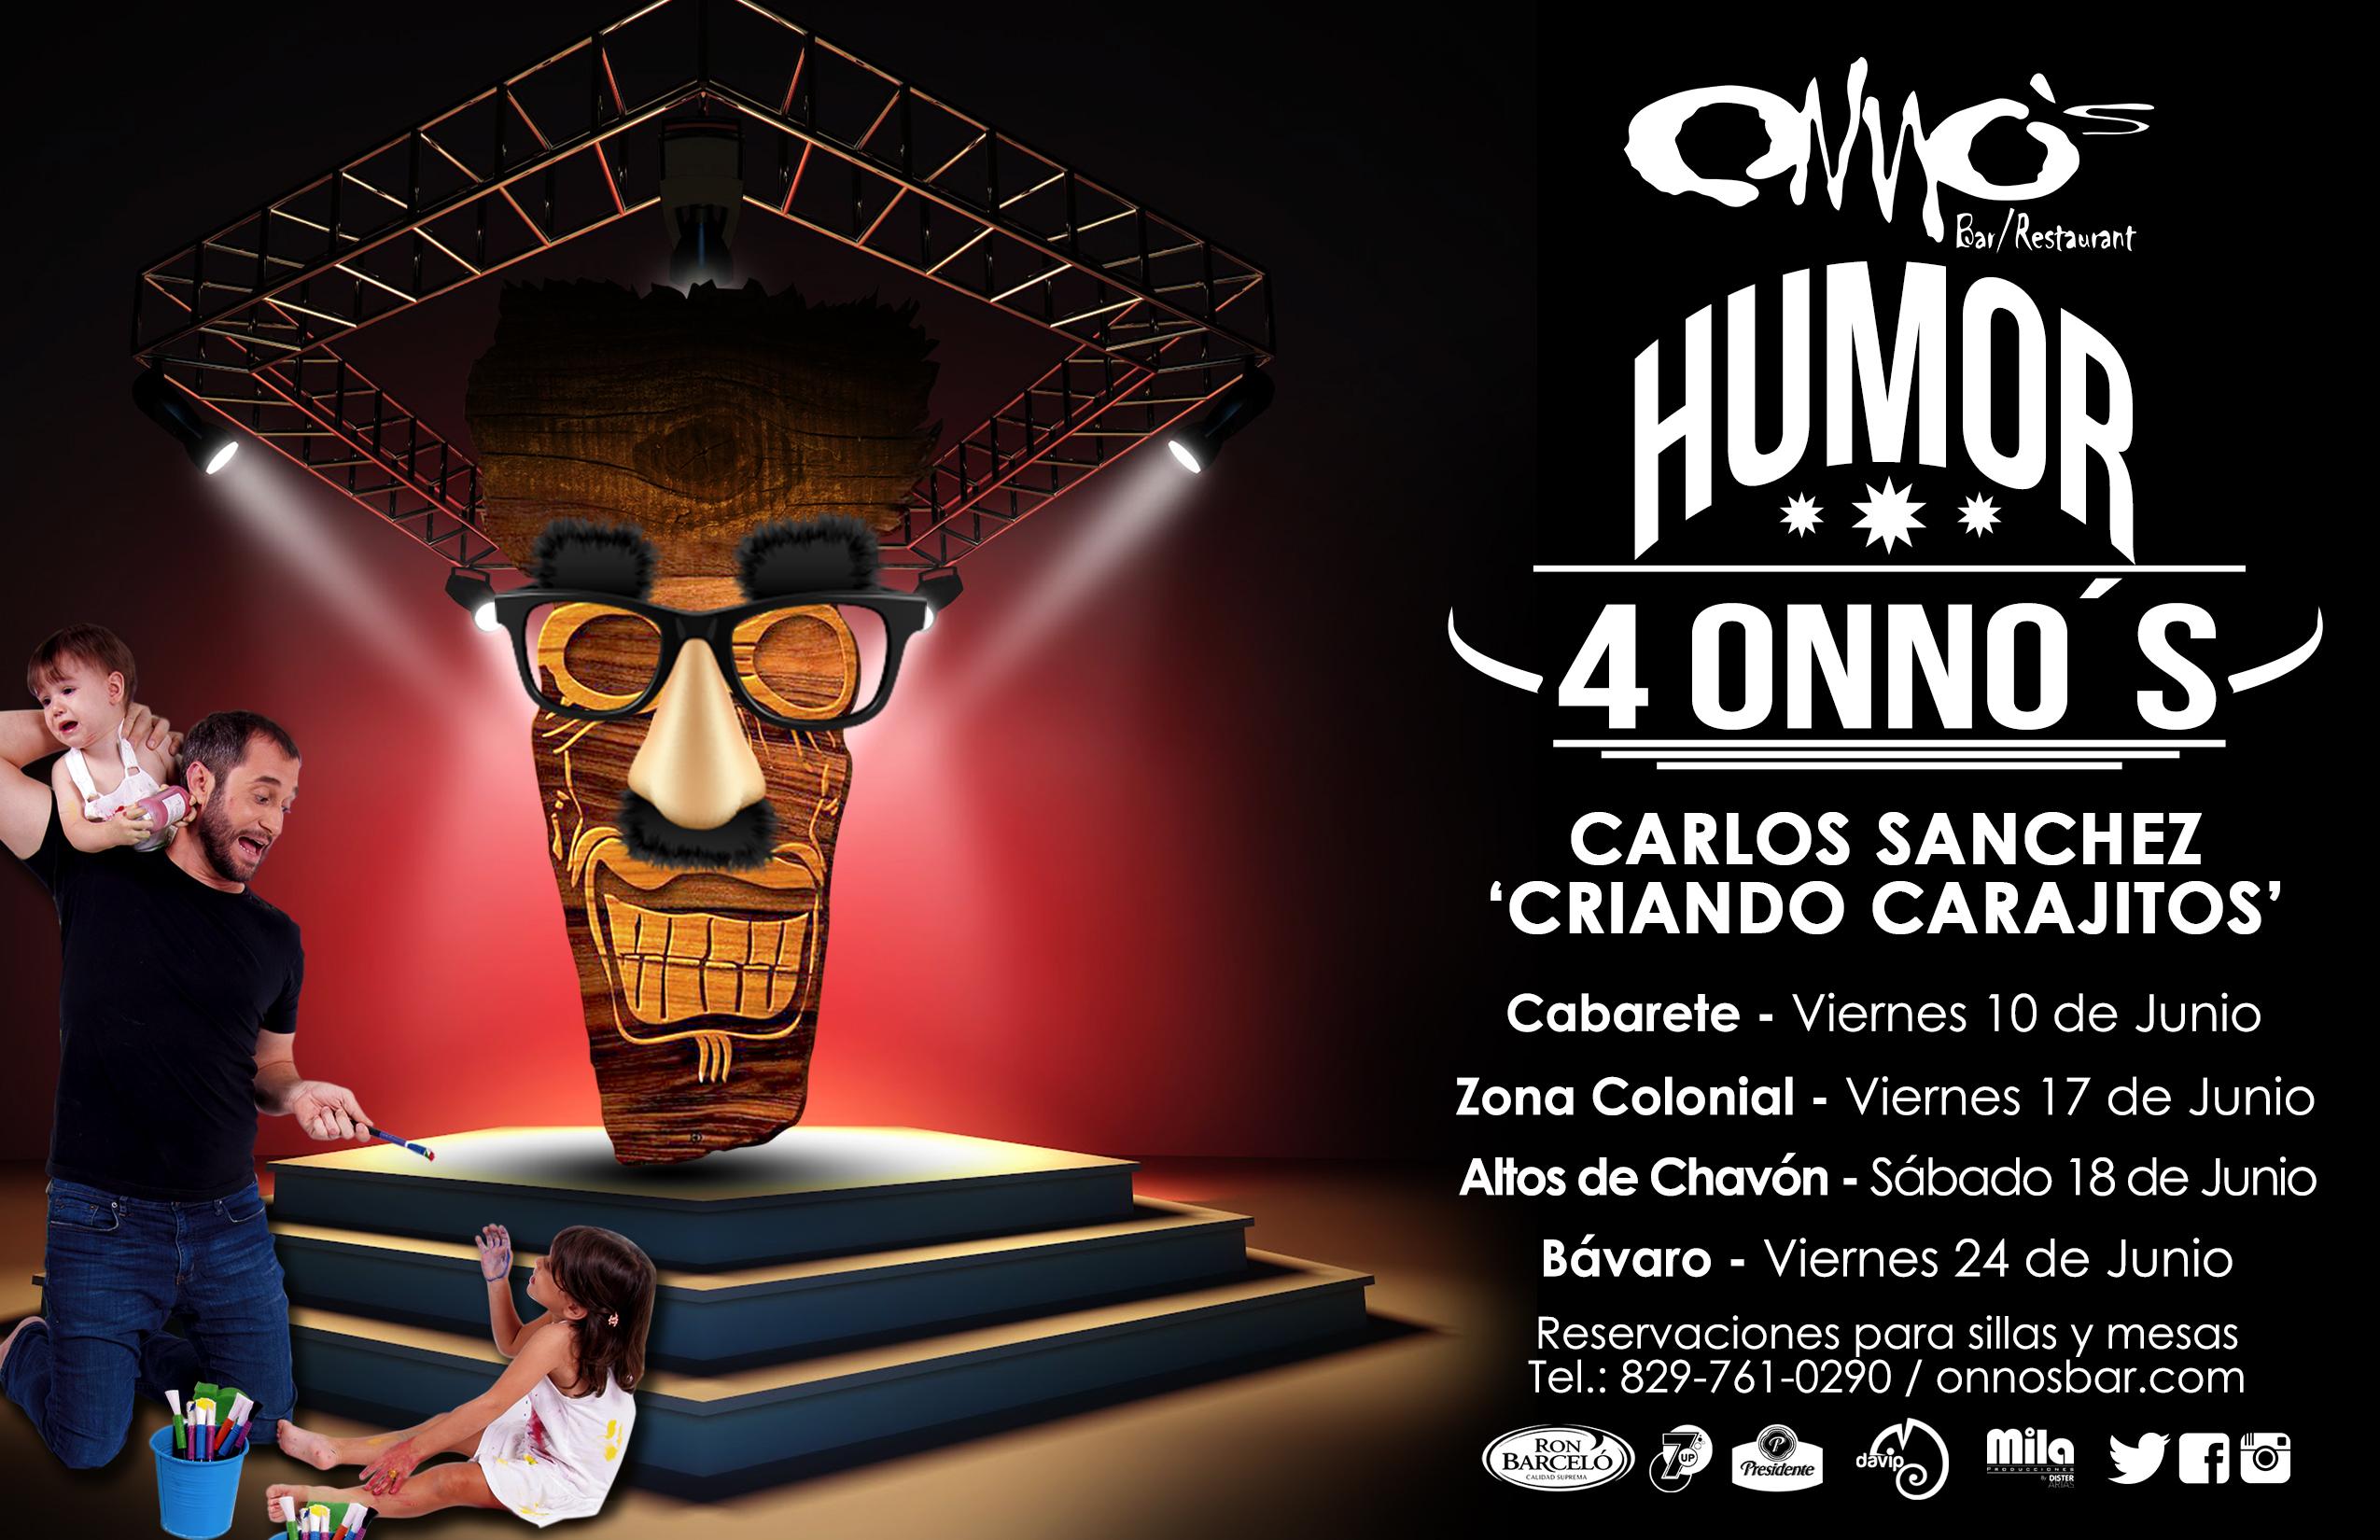 Carlos Sancrez Criando Carajitos Flyer